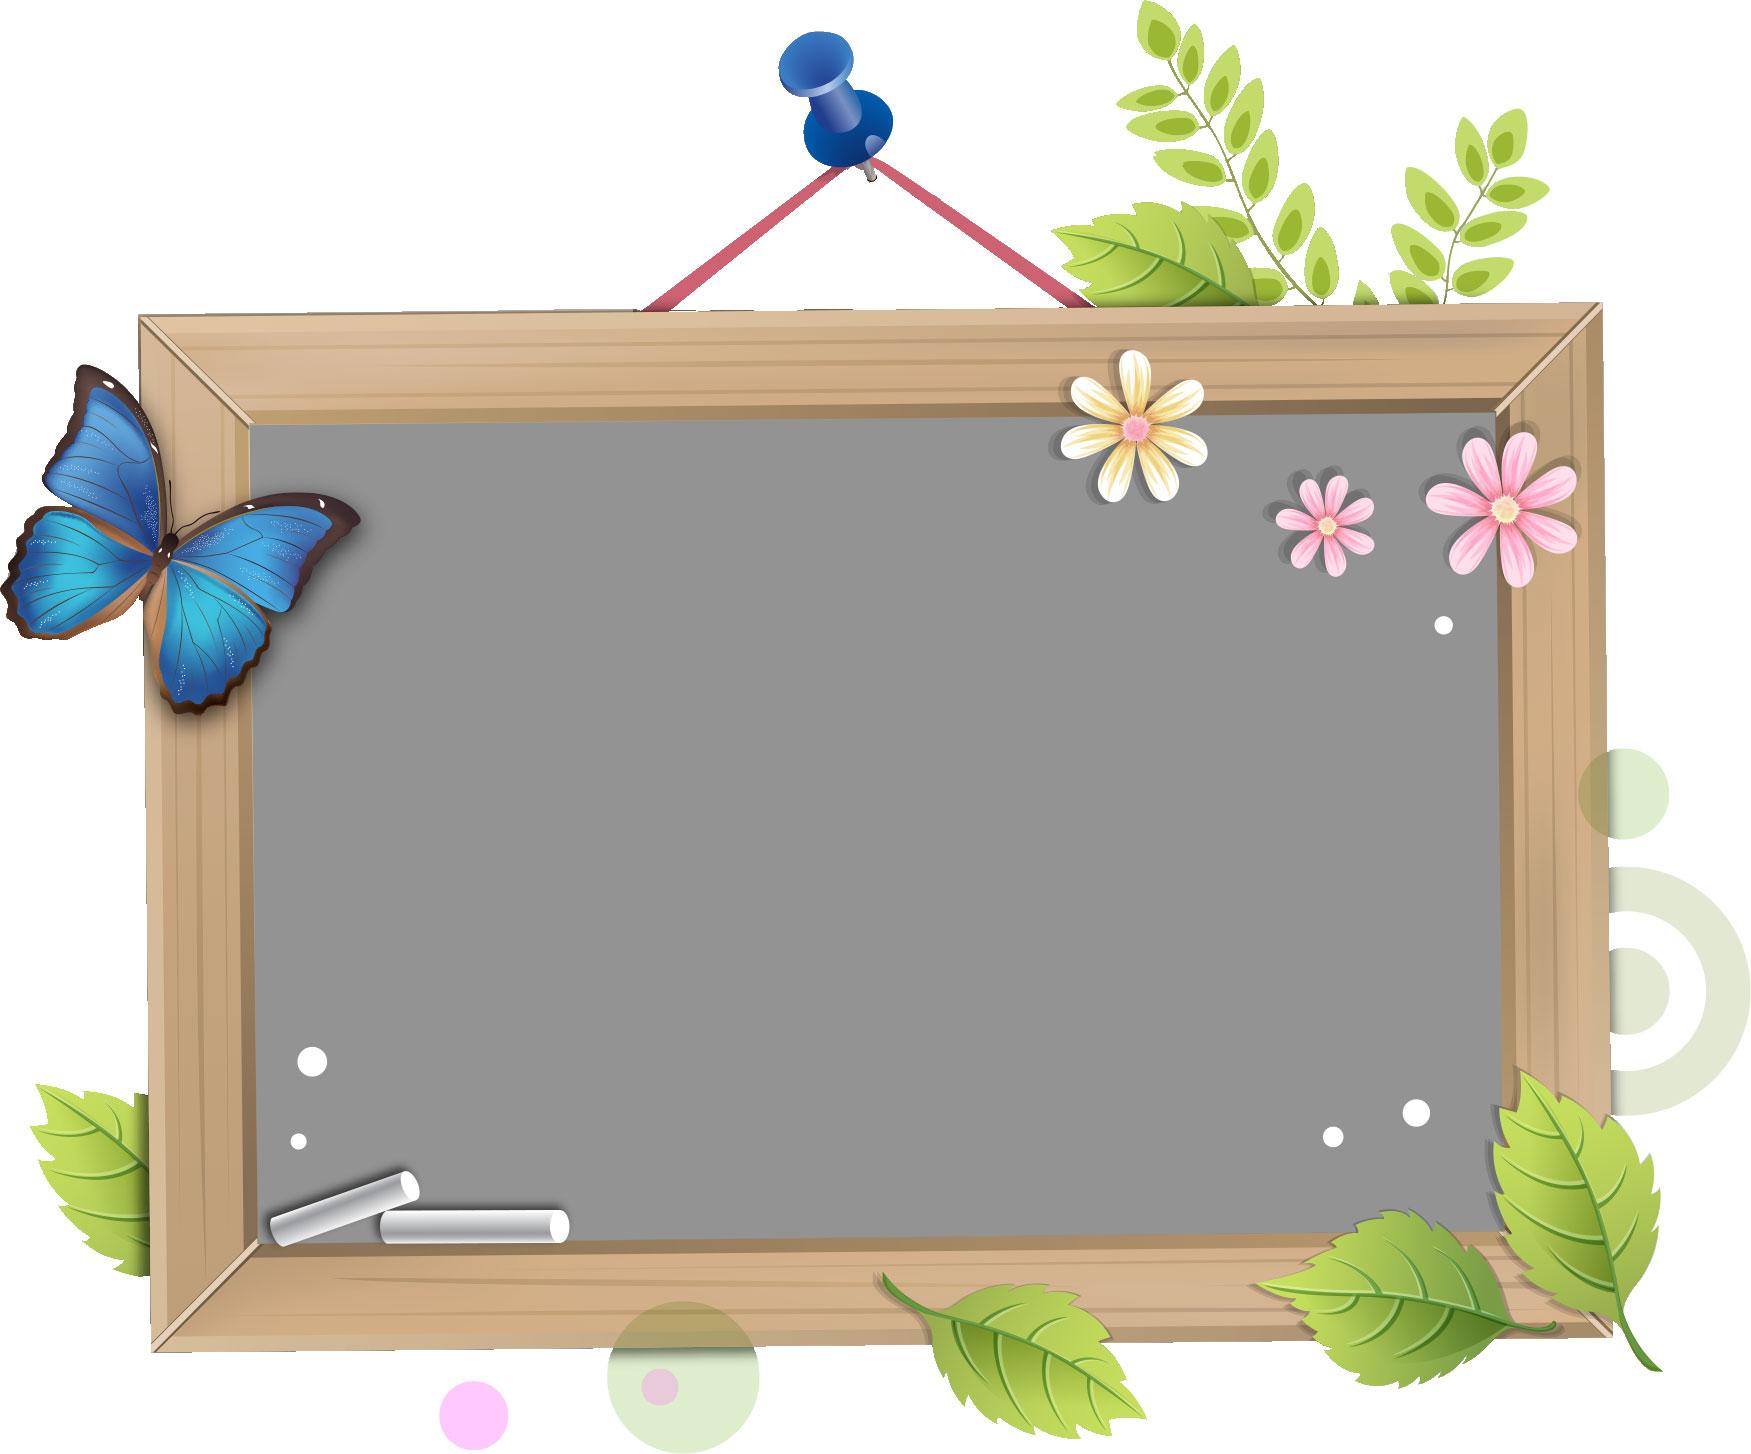 フレーム囲い枠のイラストno375黒板フレーム木枠無料のフリー